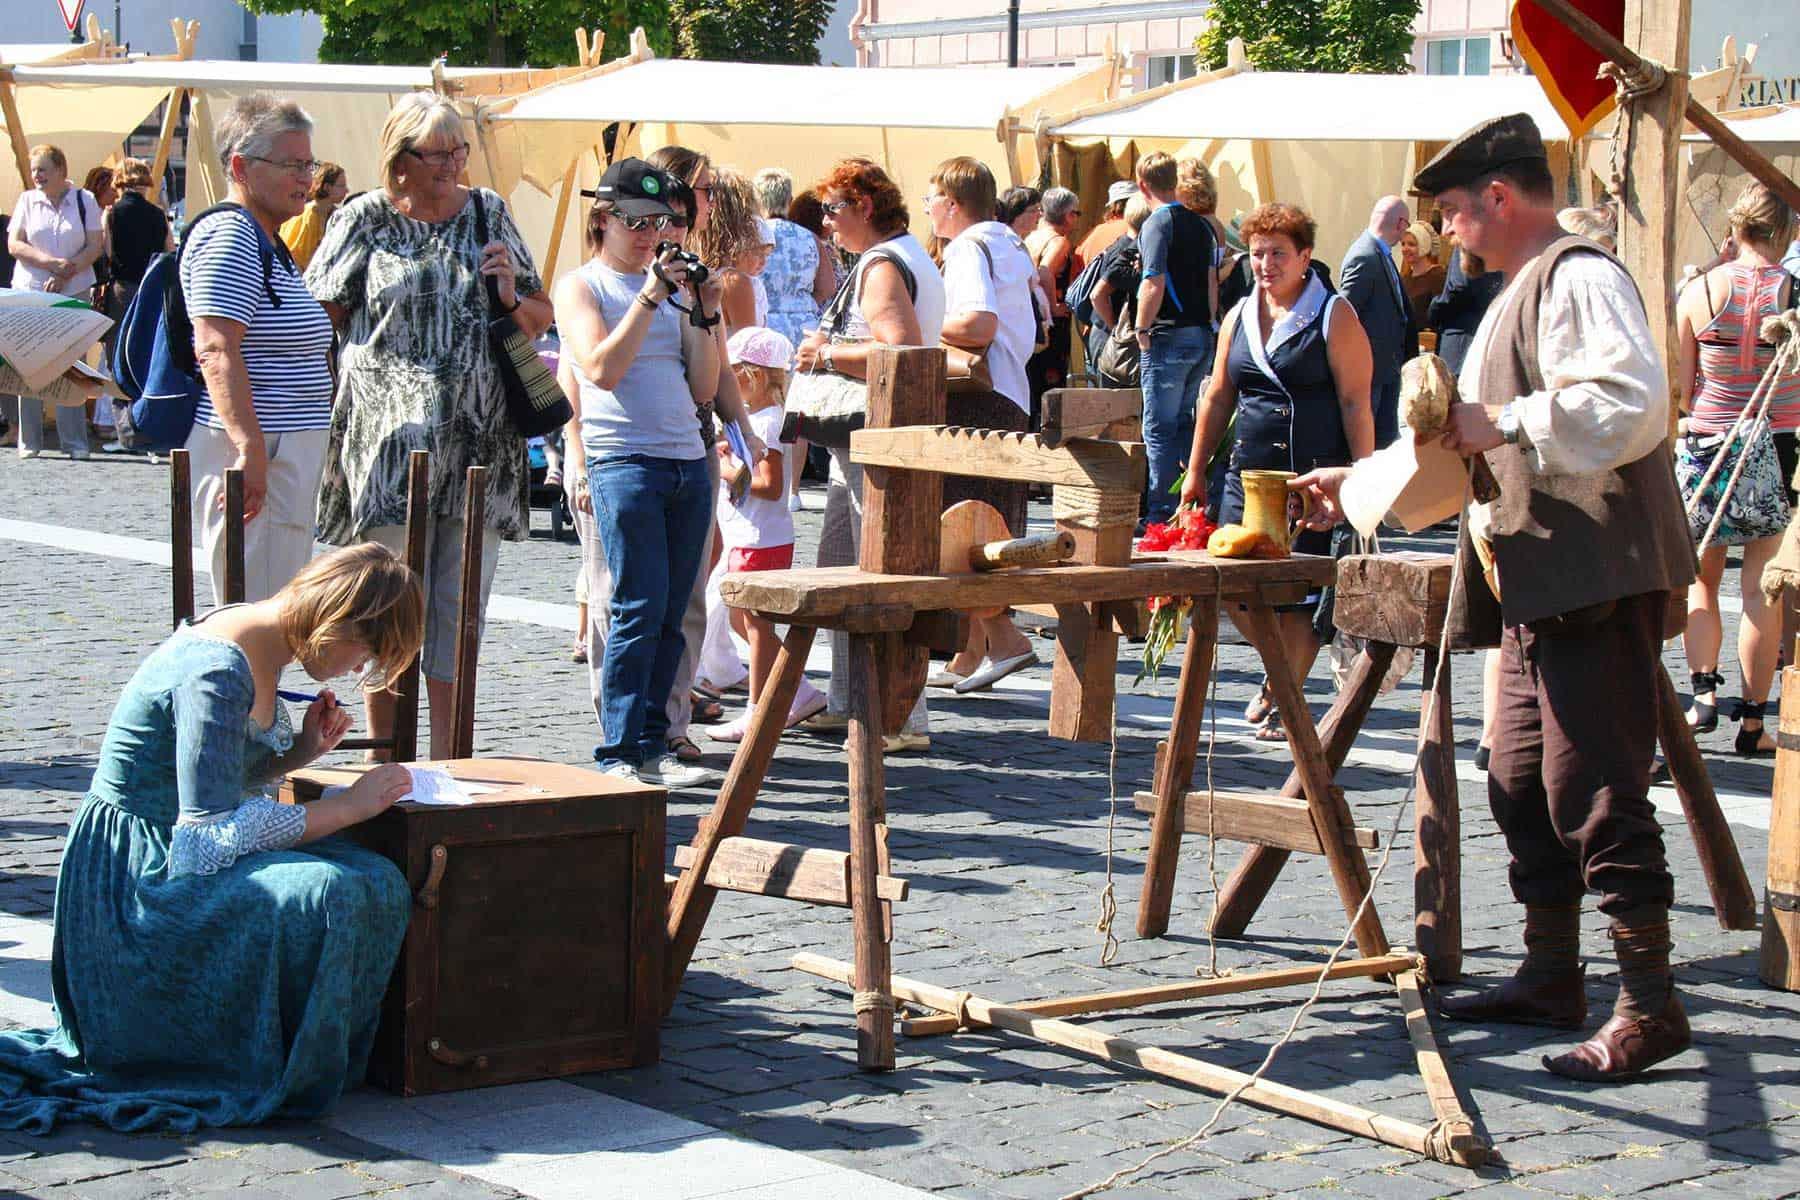 Resor_Litauen_St-Bartholomew-Fair-Vilnius-Nygren_lind